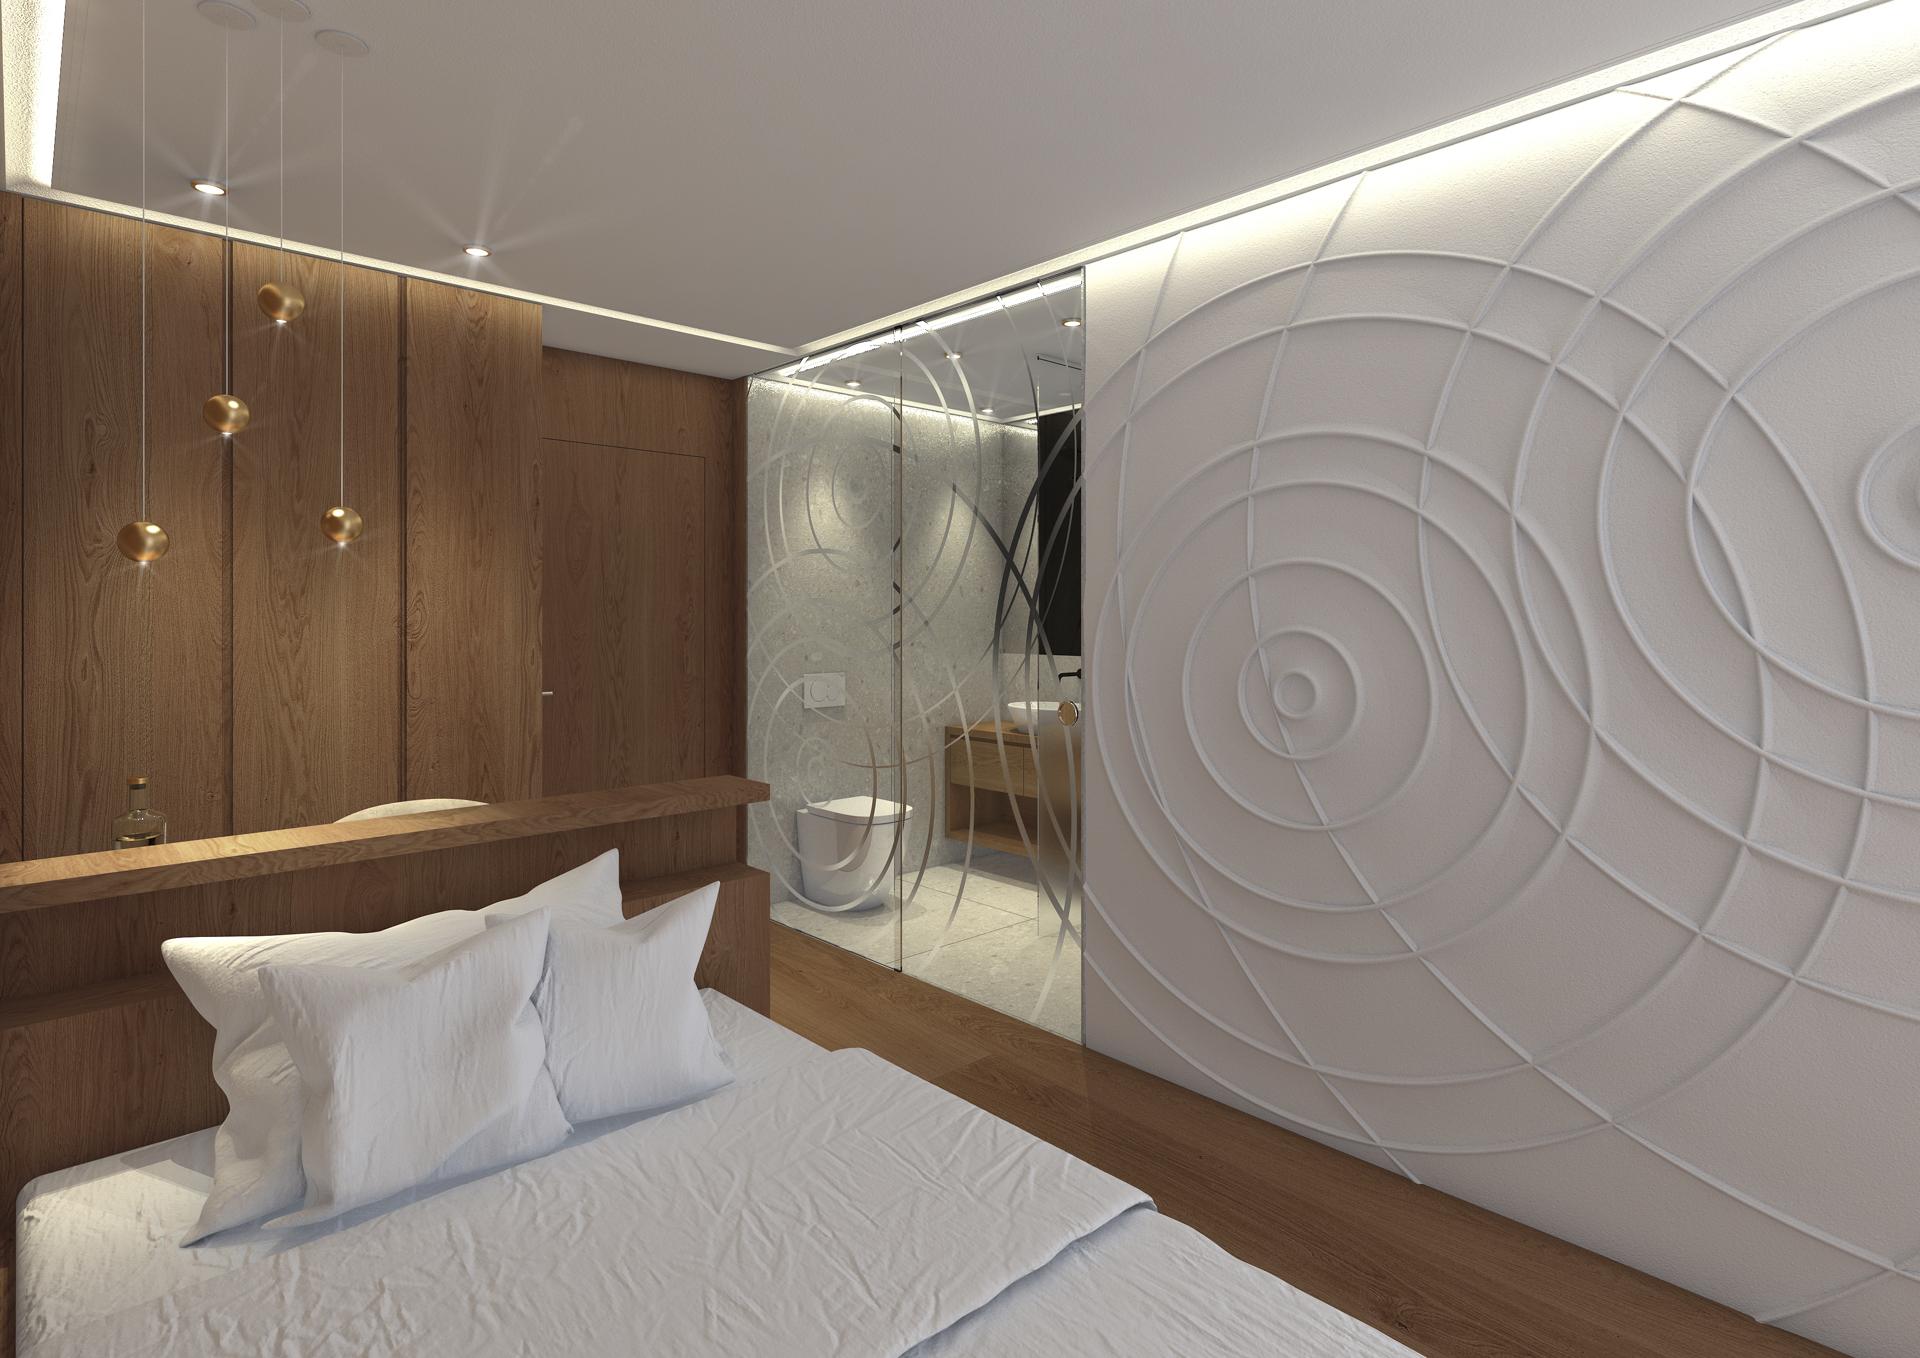 tischlerei-decker-visualisierungen-Buchinger-Doppelzimmer-mit-Bad